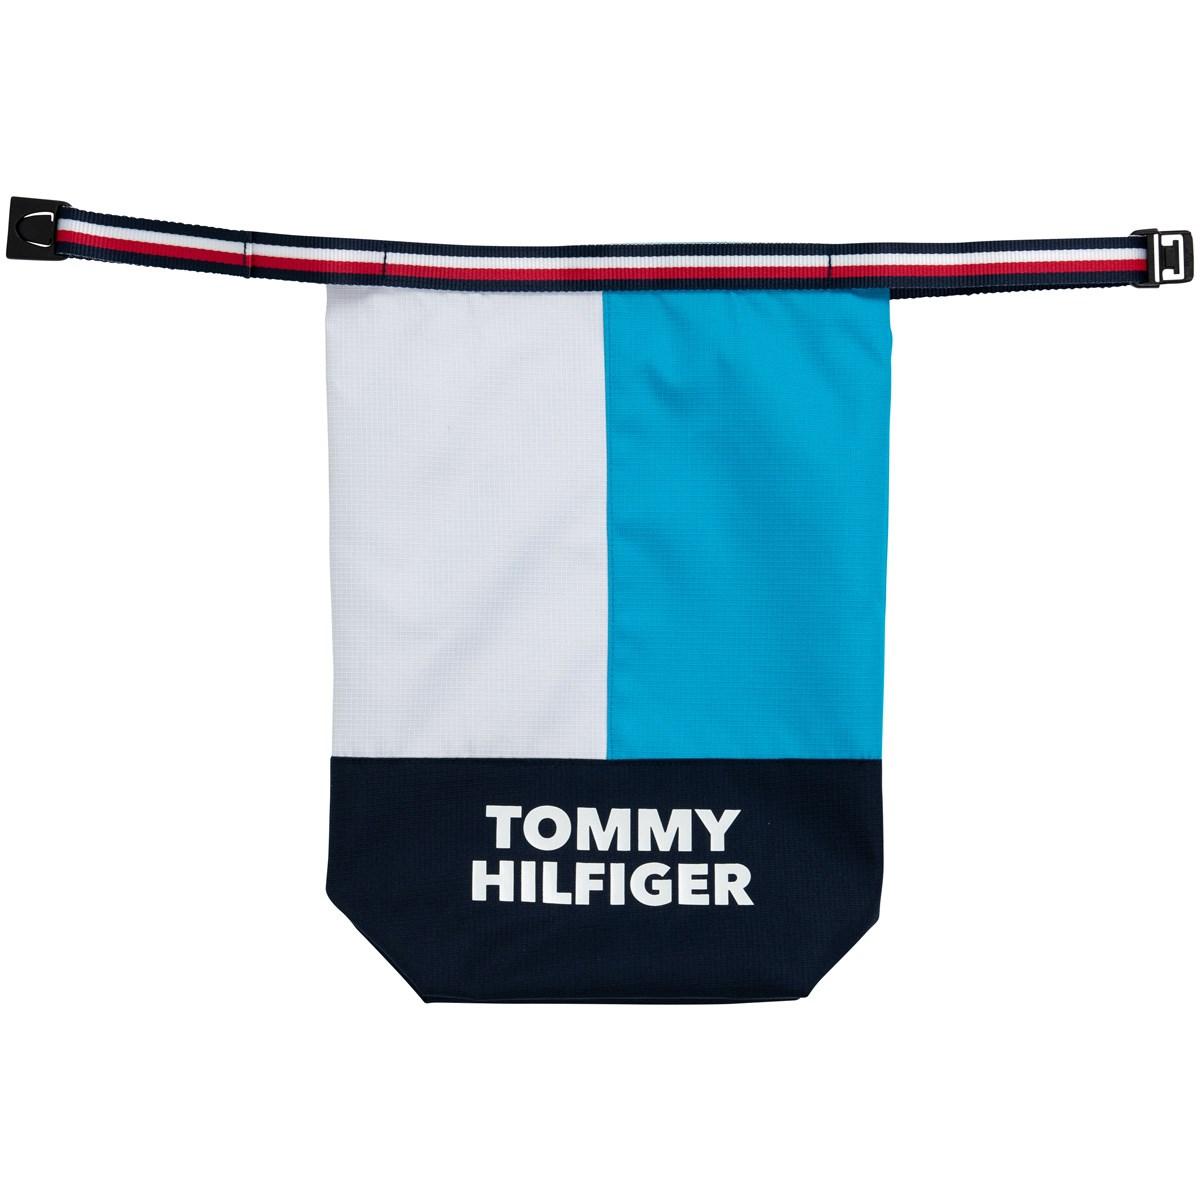 トミーヒルフィガー(Tommy Hilfiger) SPLIT シューズケース